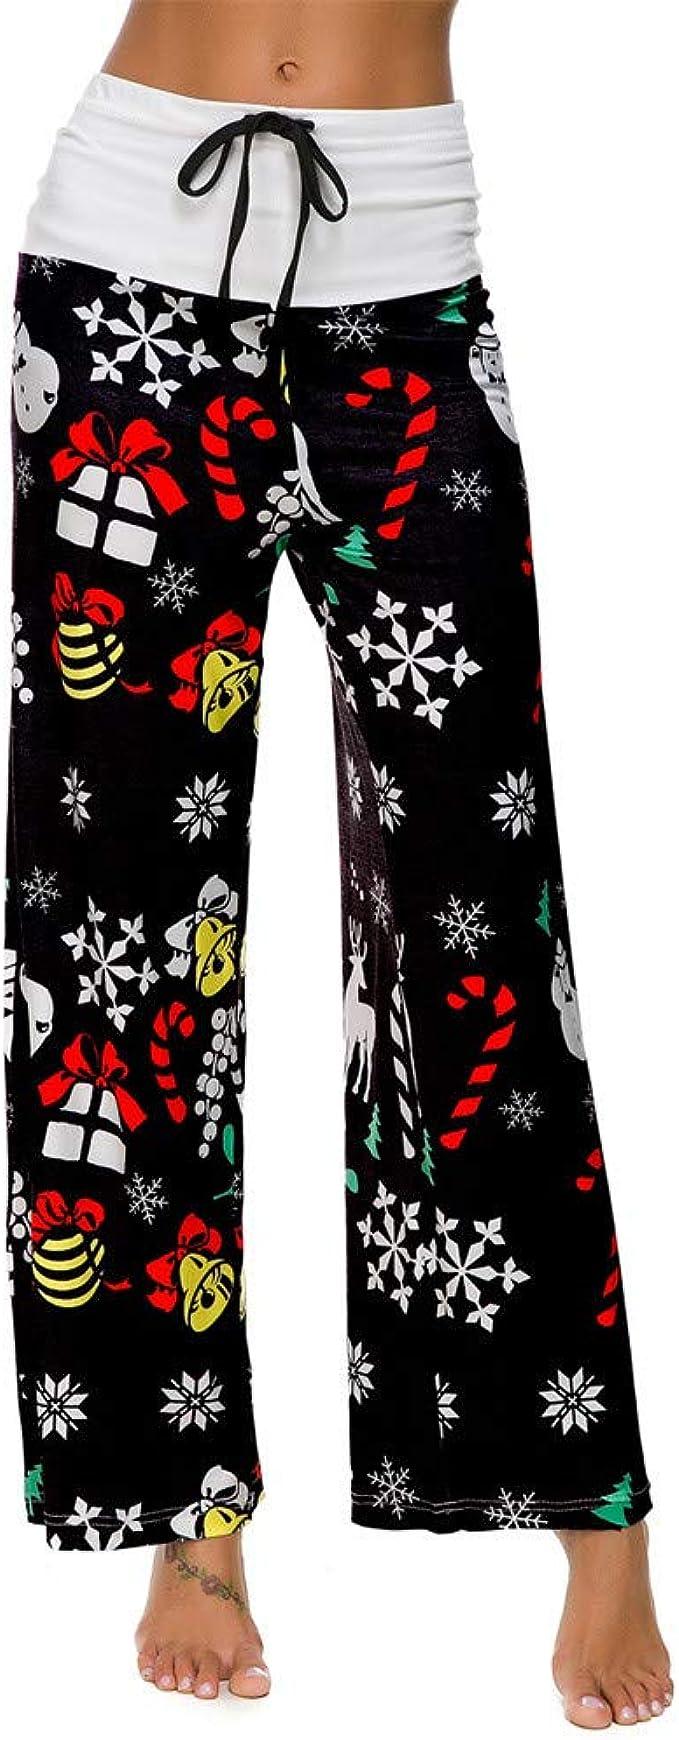 Sylar Pantalones Para Mujeres con Curvas Moda Impresión De Navidad ...